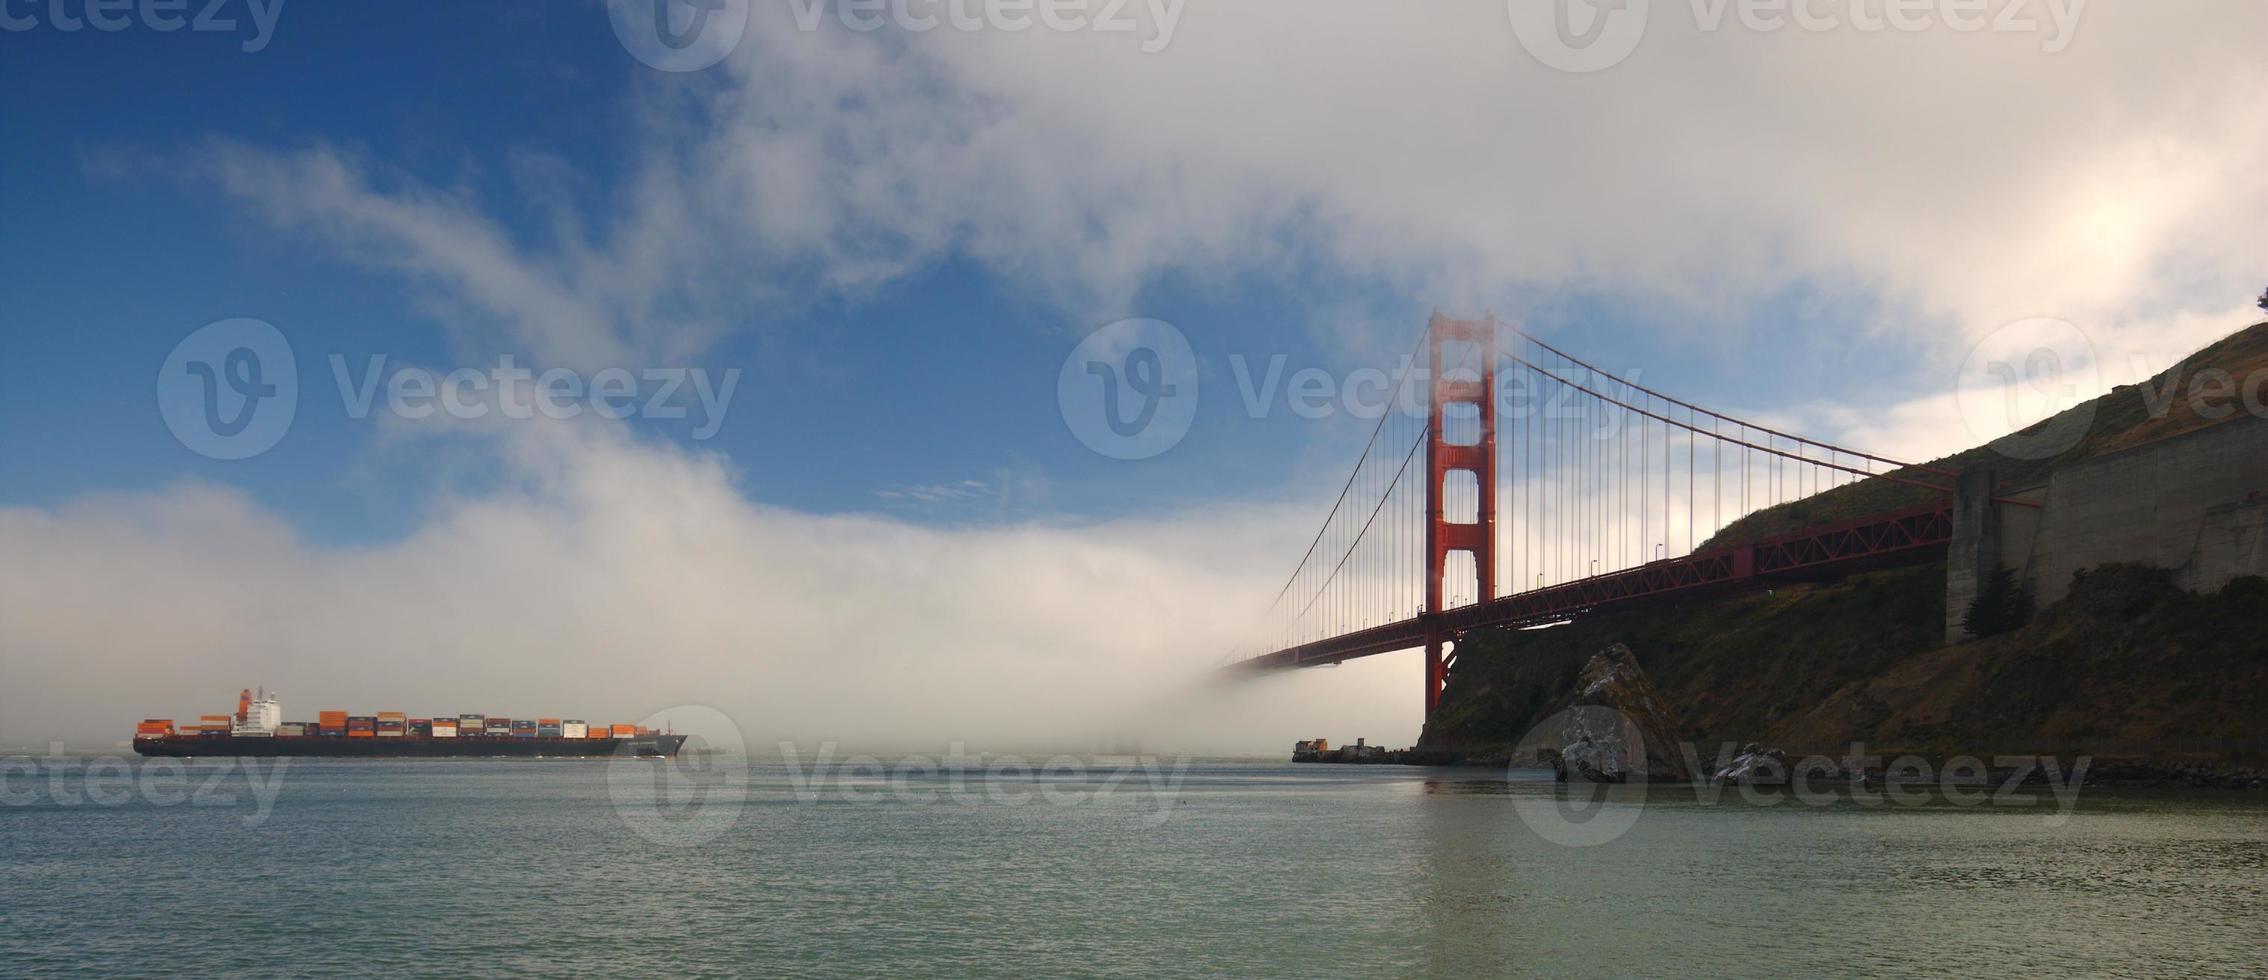 Frachtschiff nähert sich Golden Gate Bridge foto